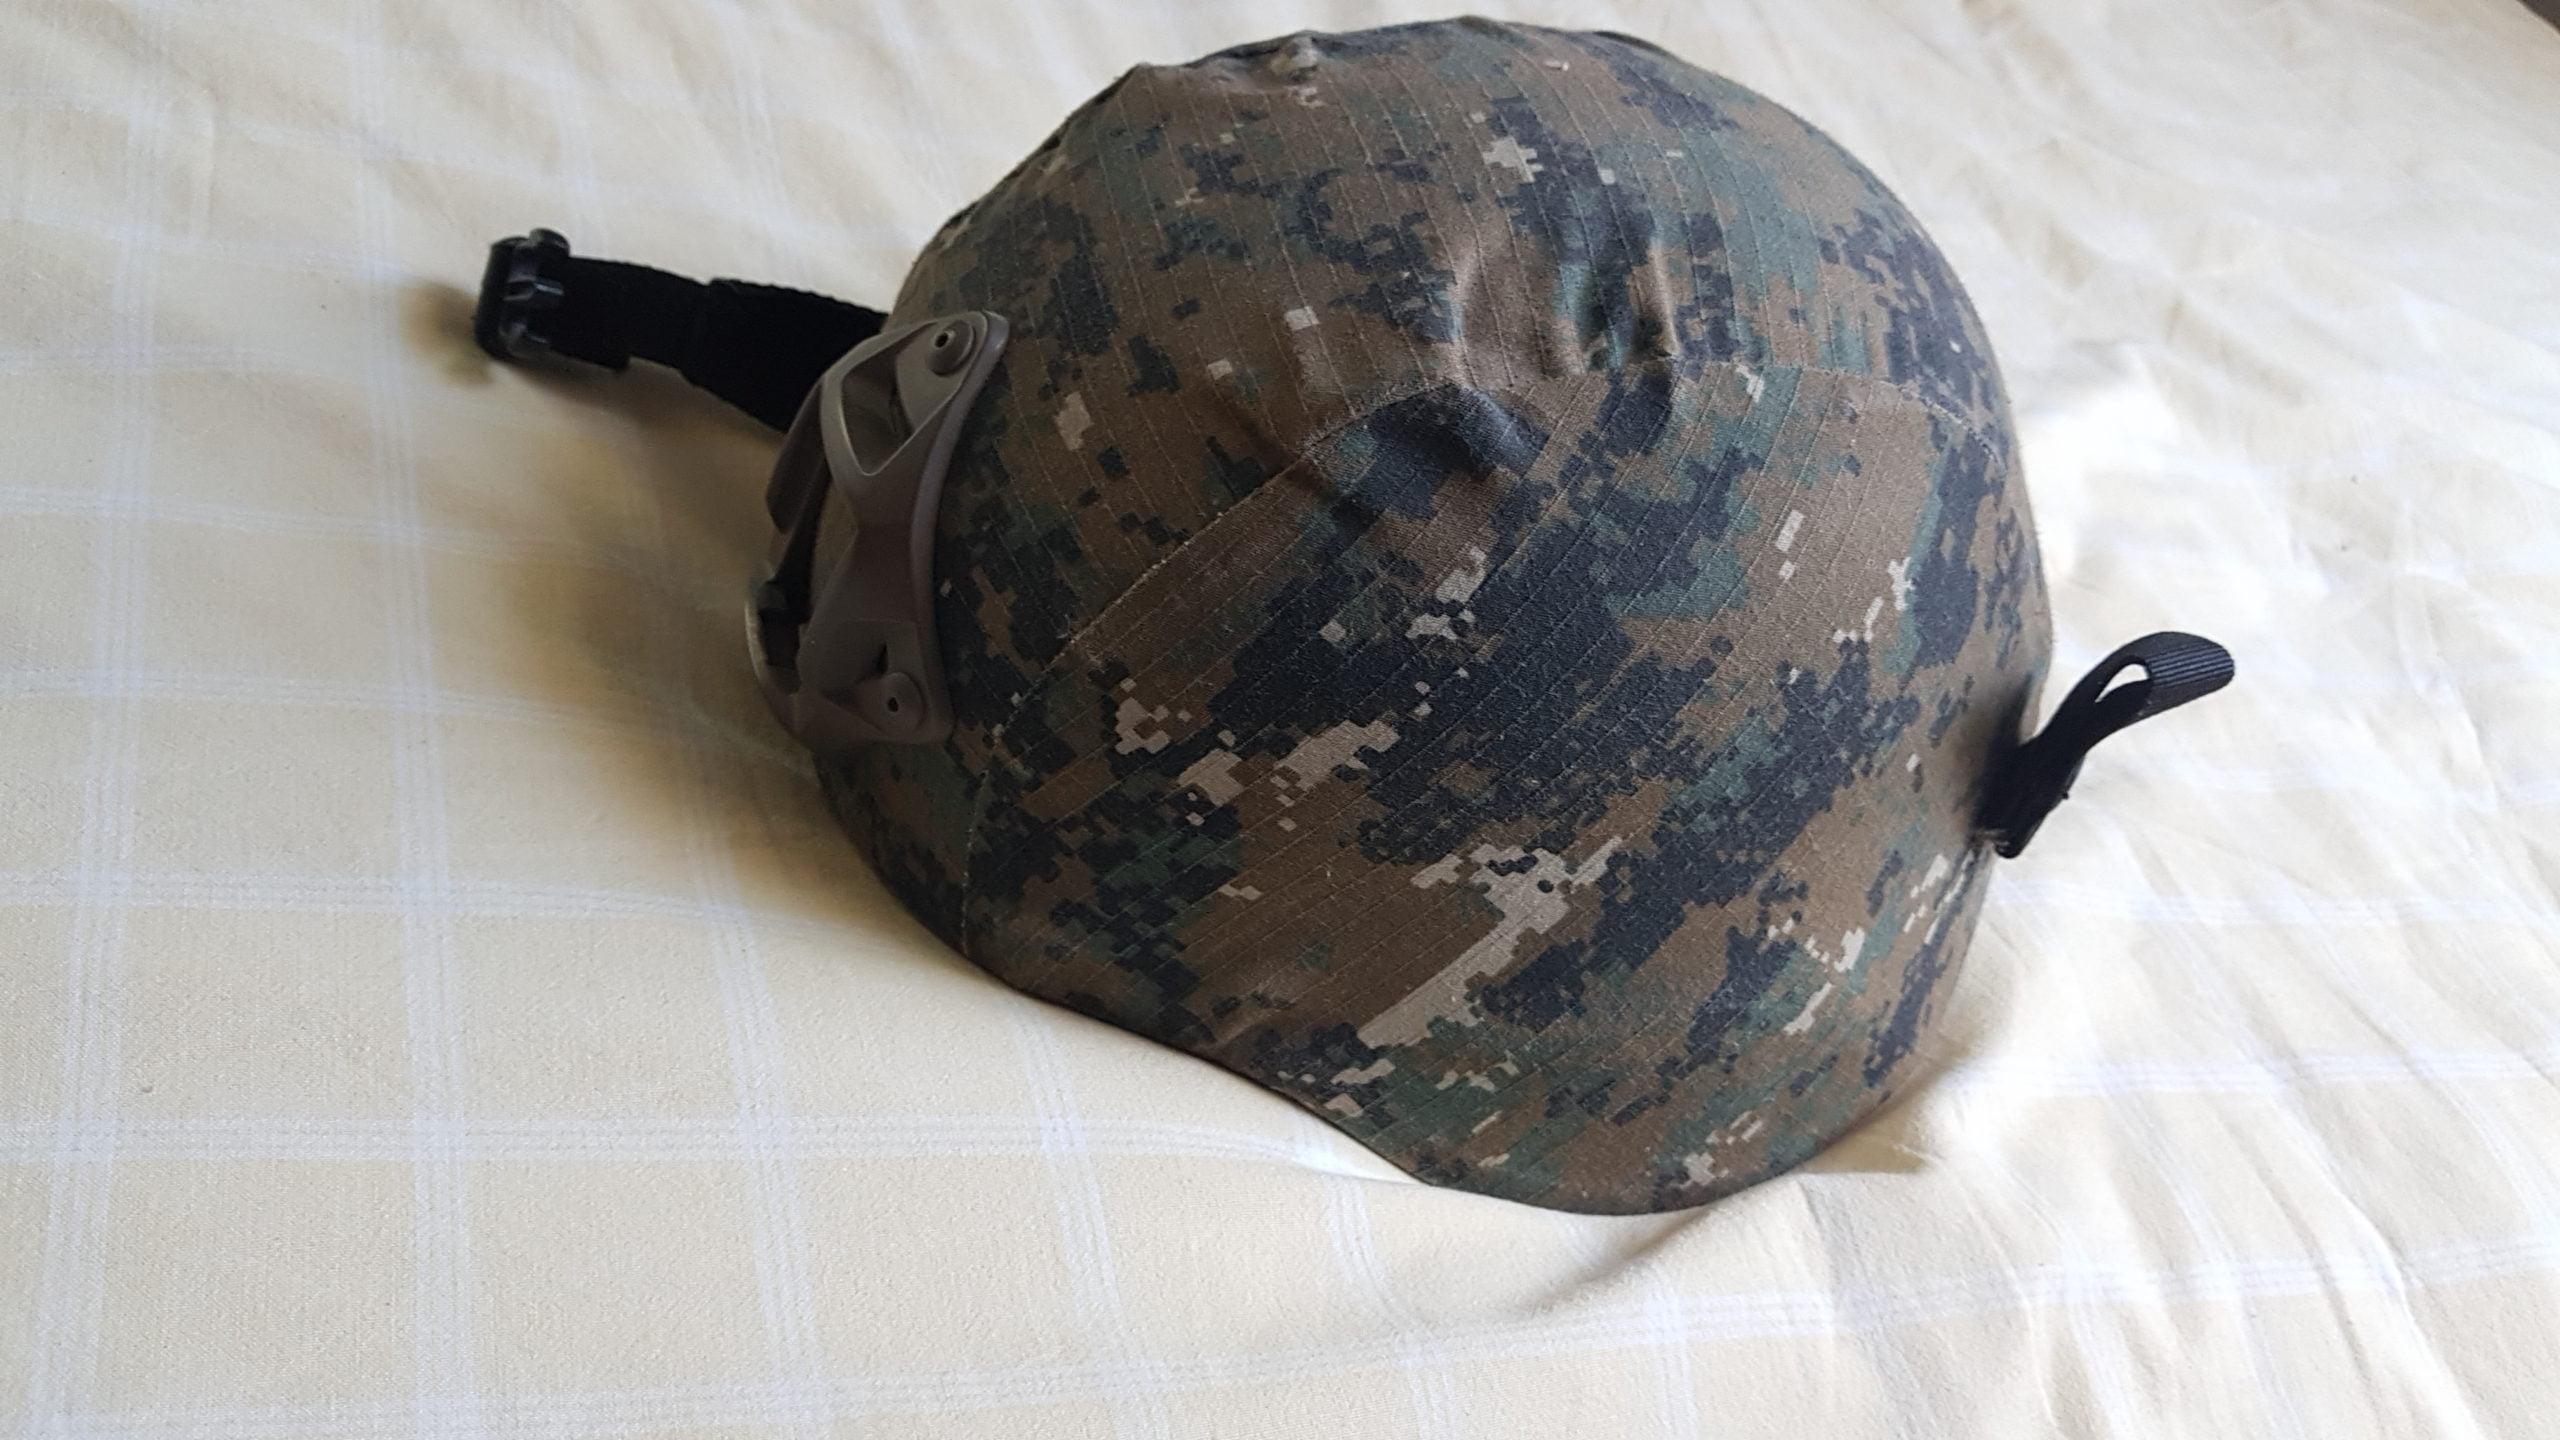 Casque airsoft soldat armée américaine